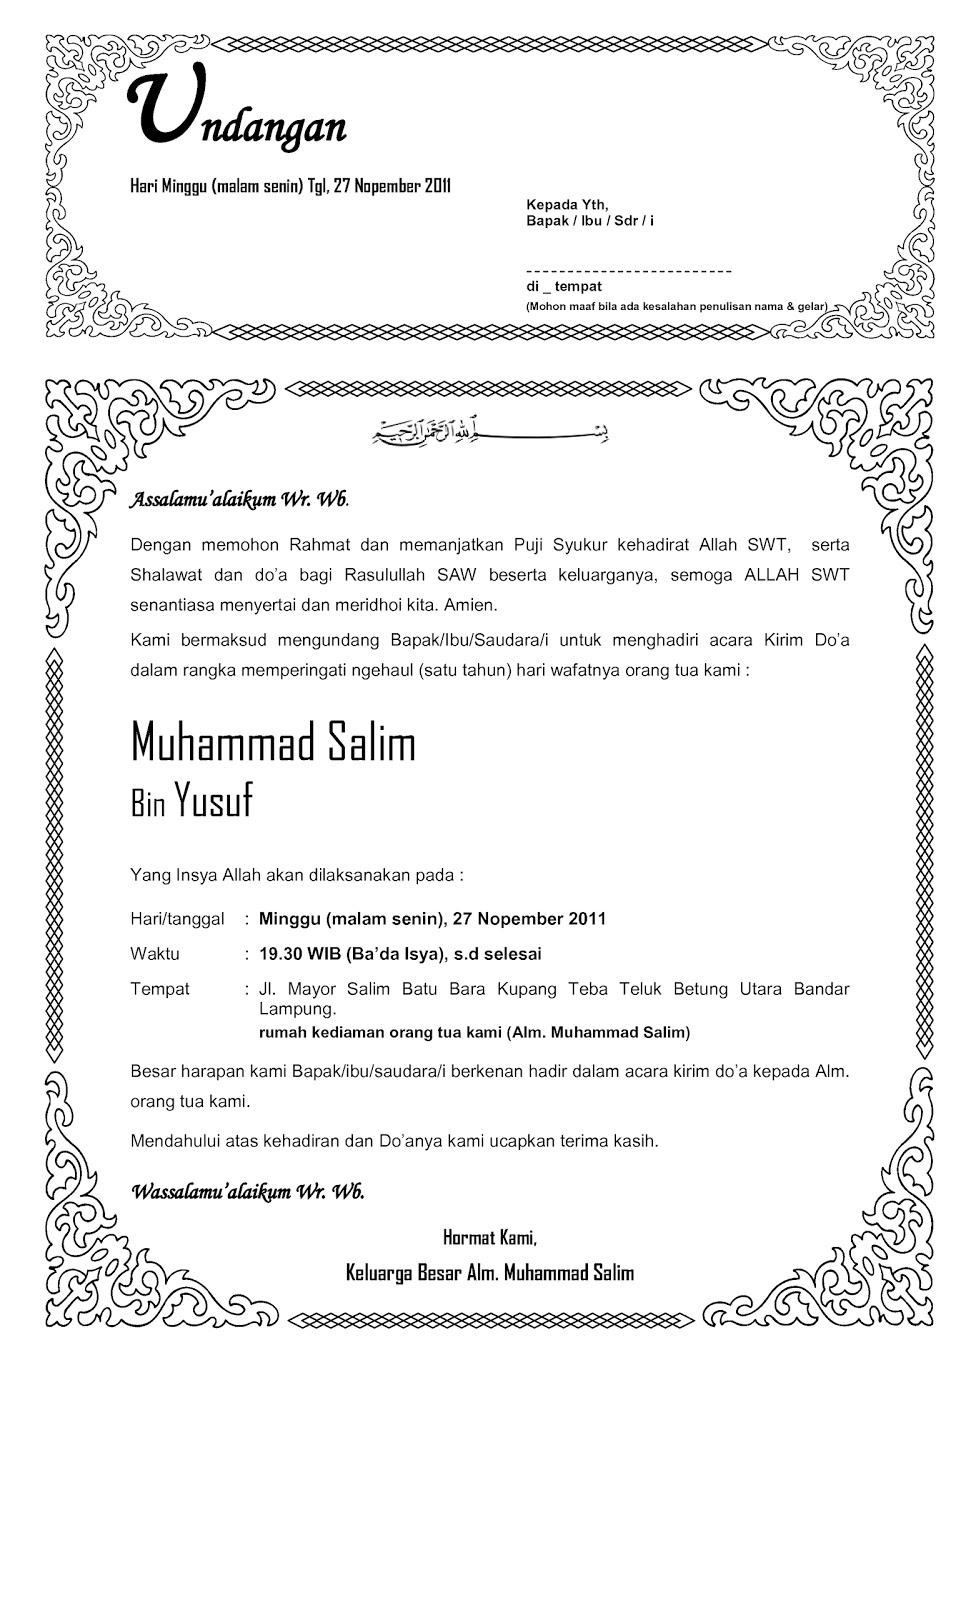 undangan ini, saya sediakan link download, bentuk format file undangan ...